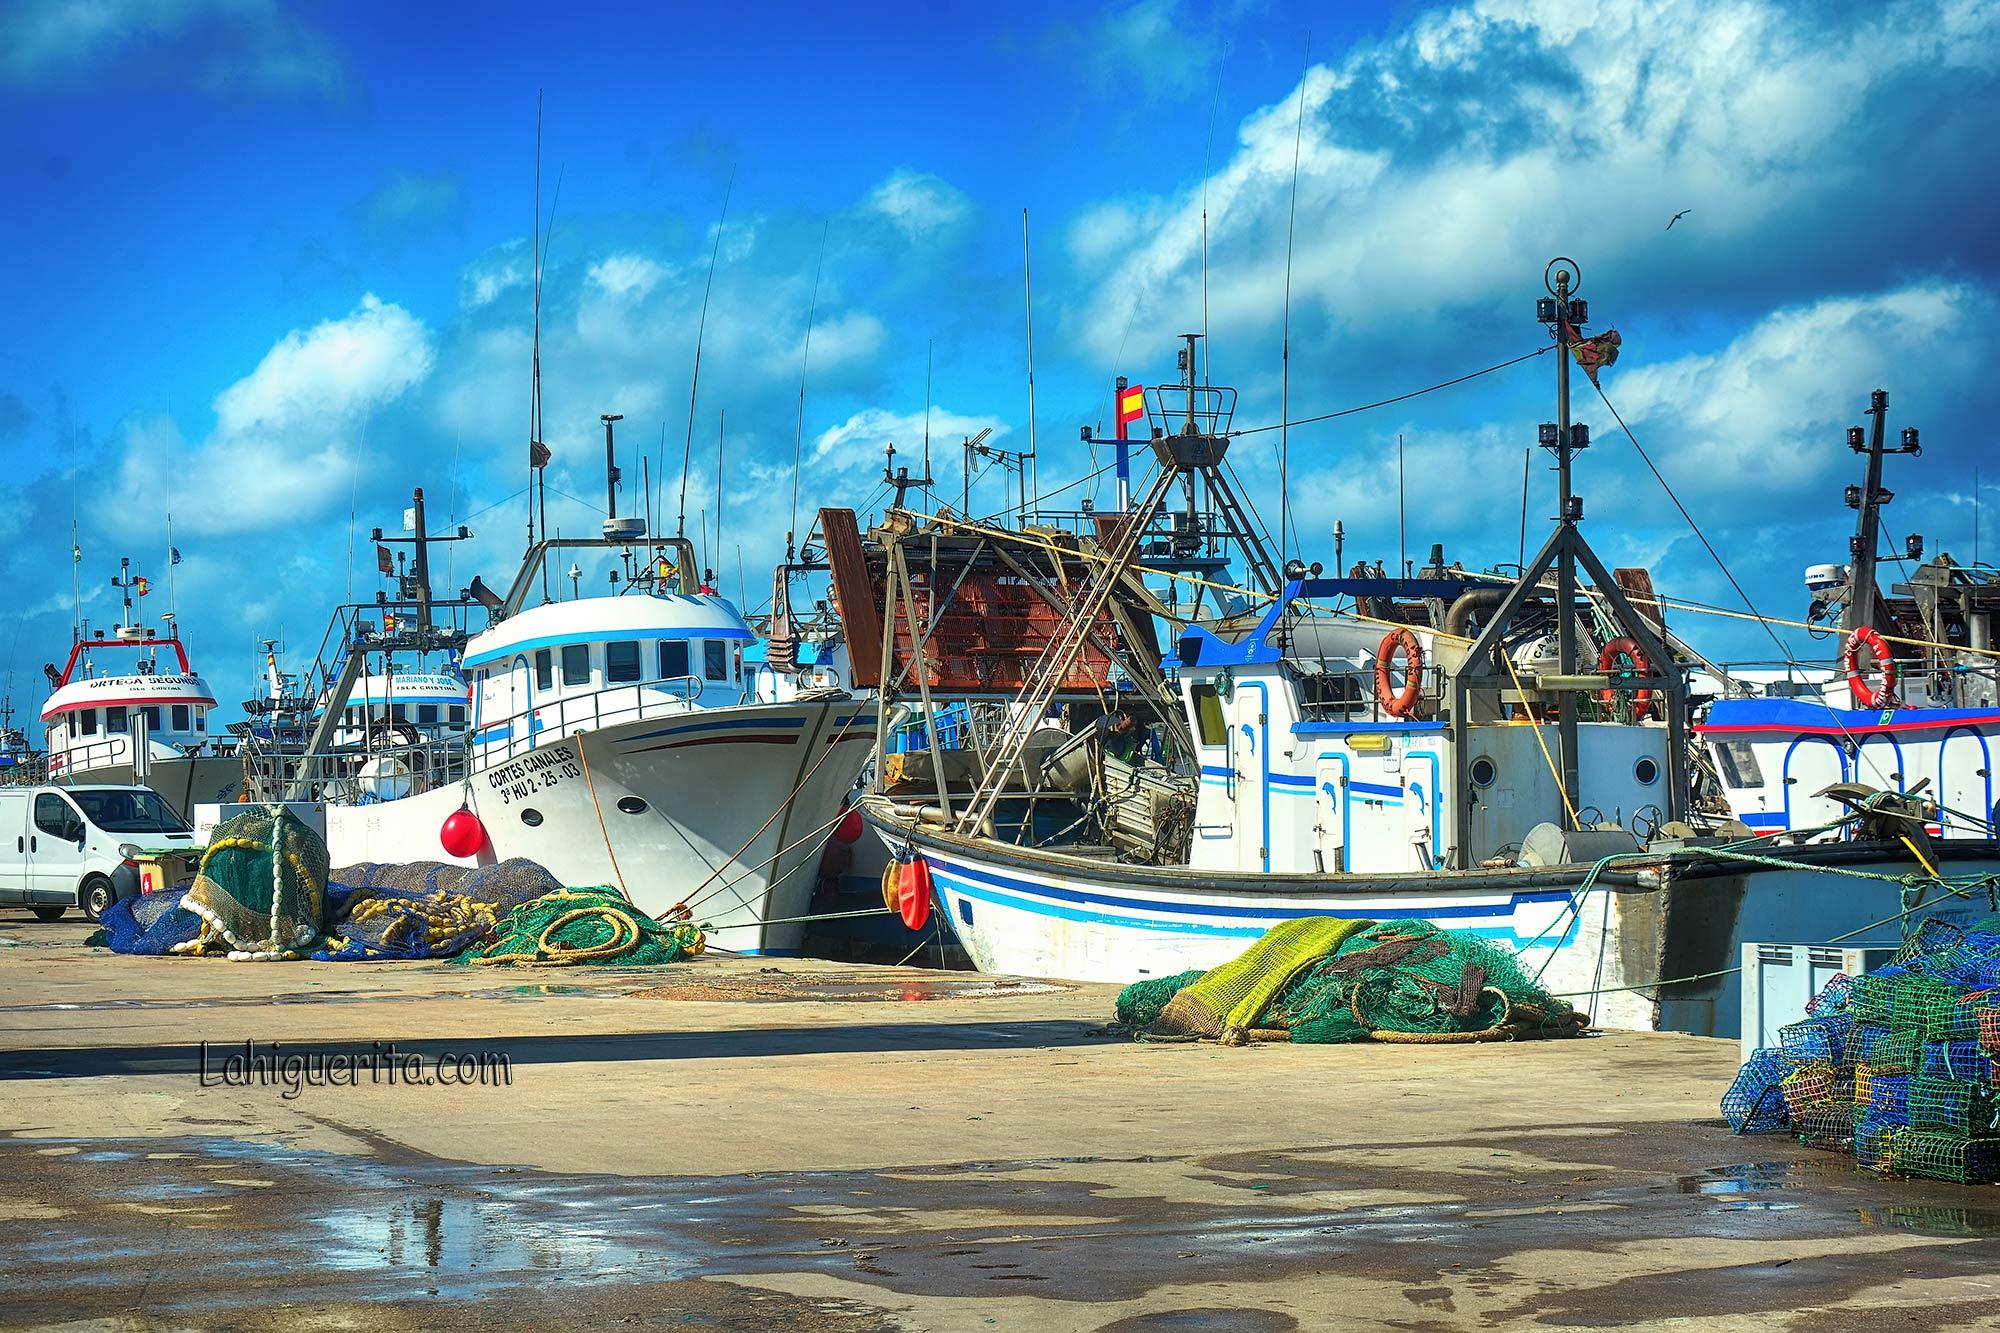 El sector pesquero onubense estima pérdidas por tres millones de euros por amarre y desperfectos en barcos